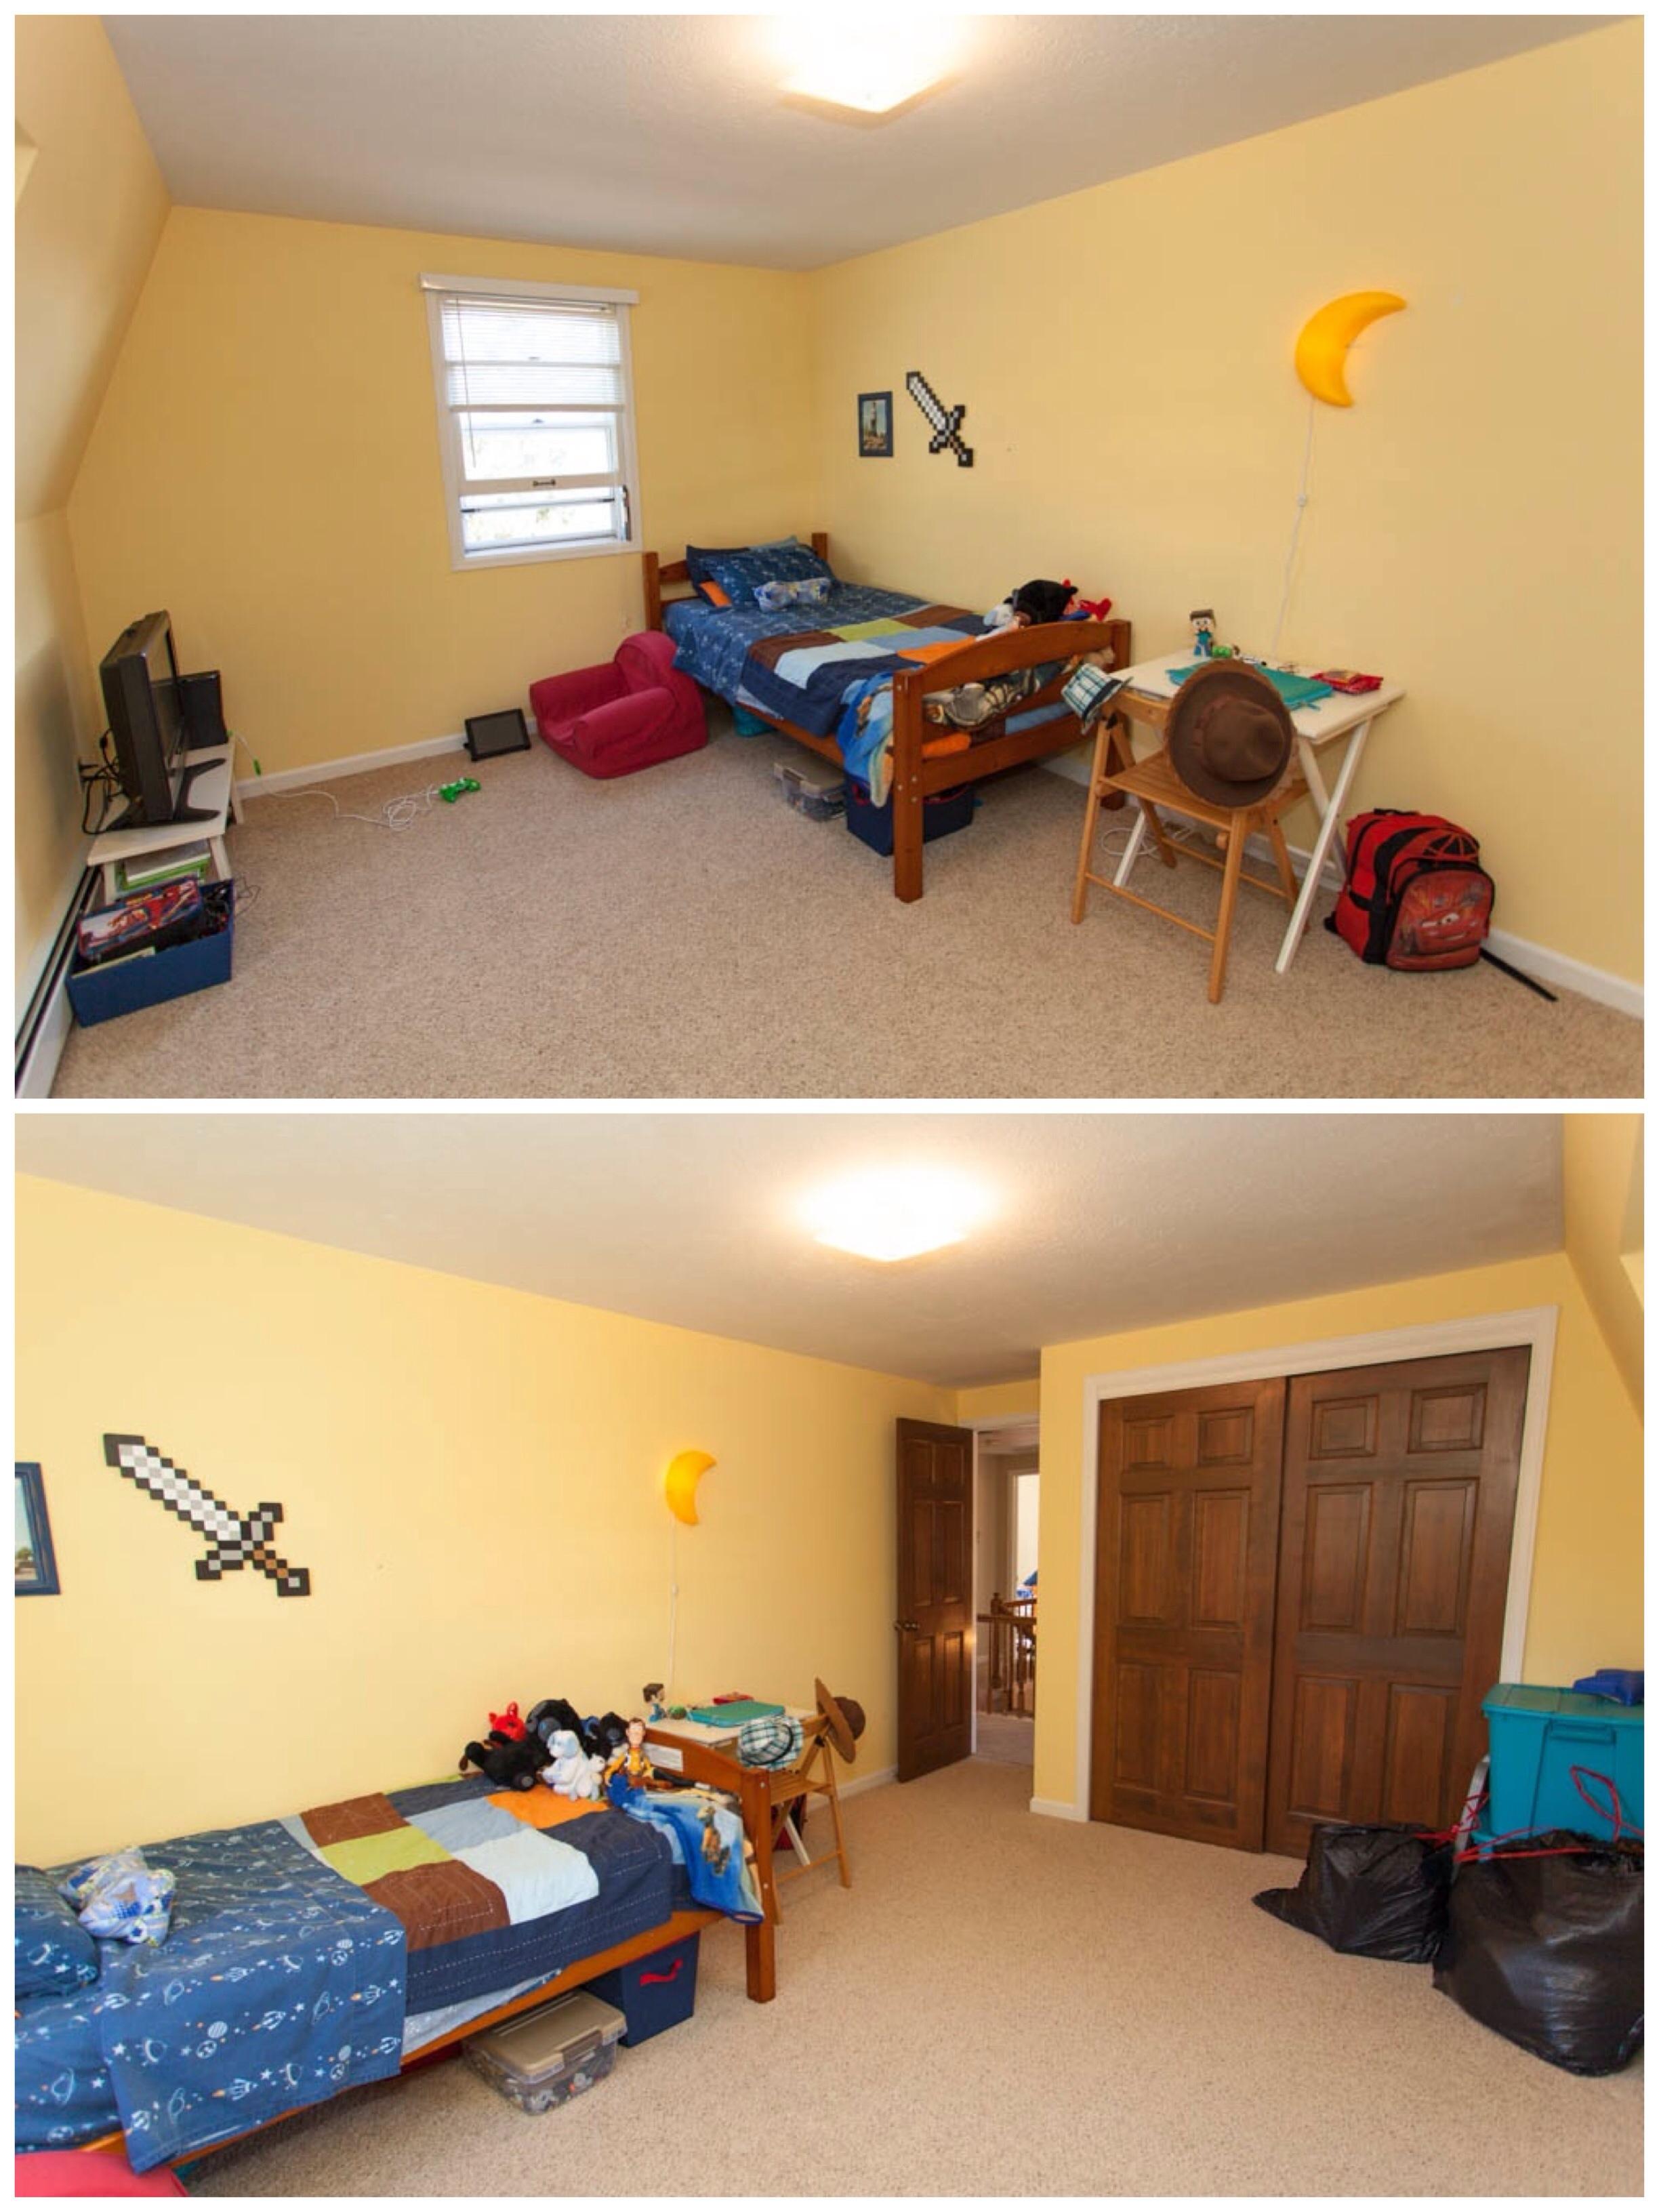 Thomas' room